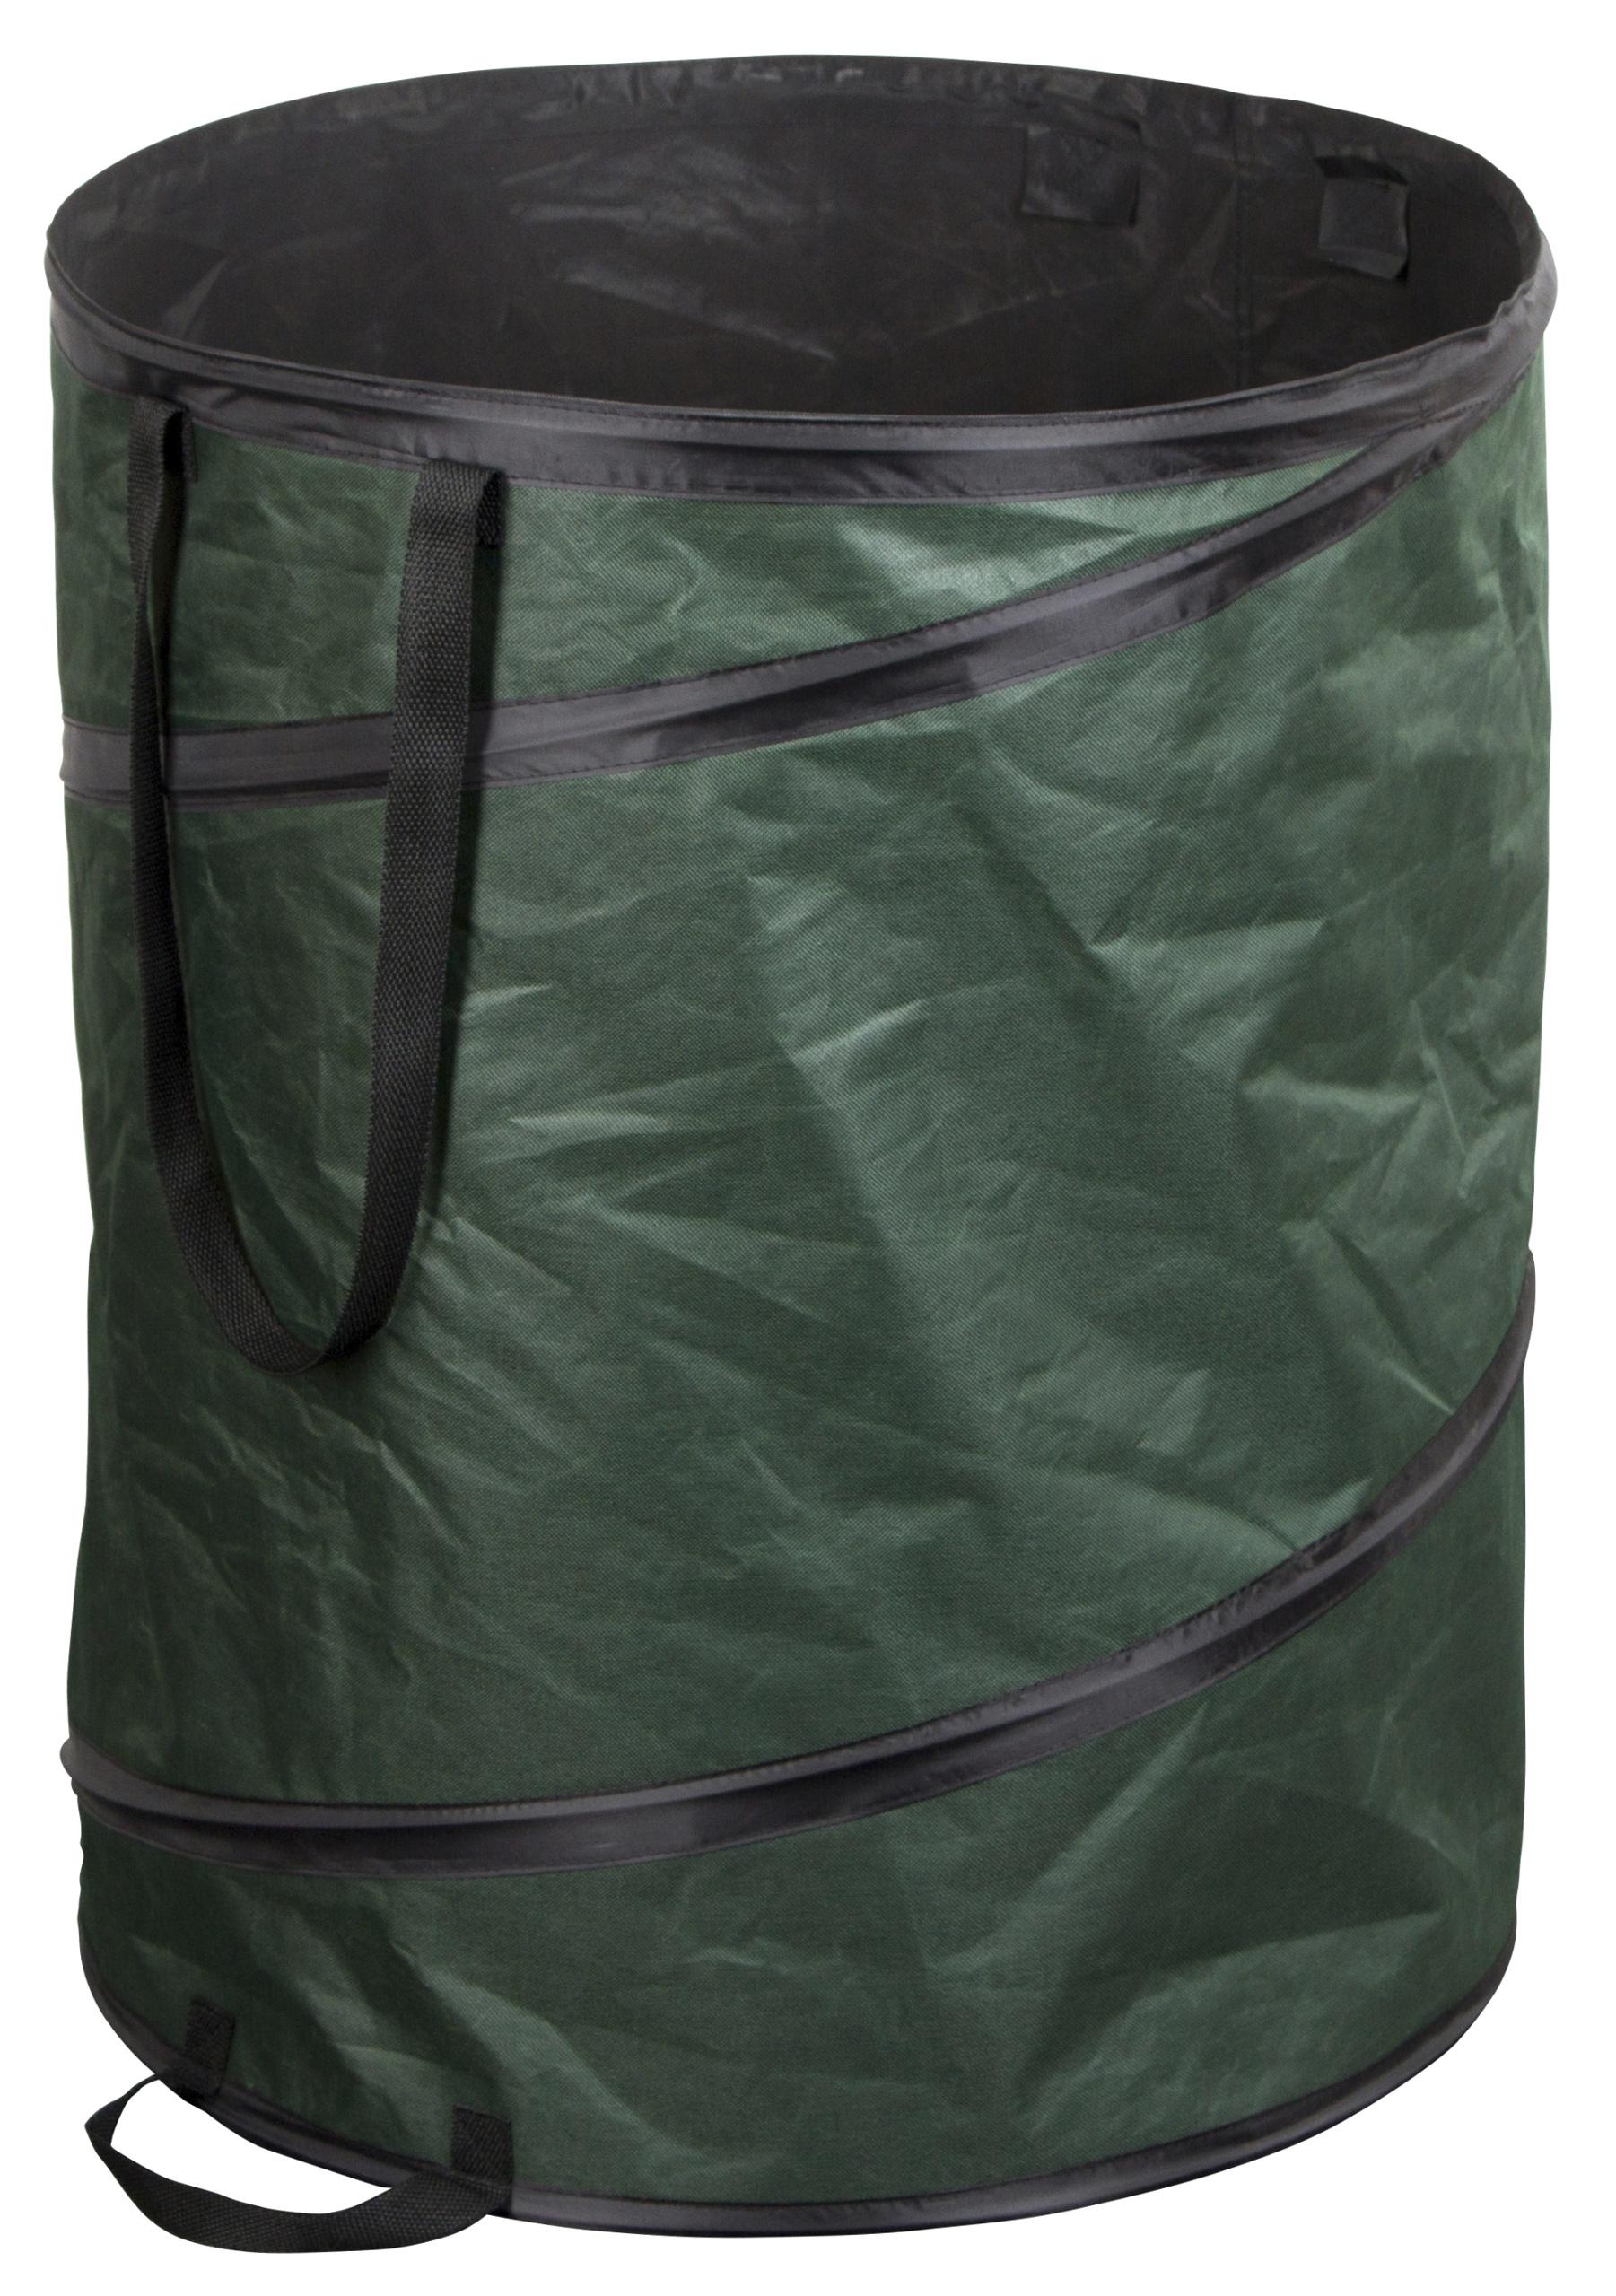 Gartentasche Pop-up, 160 Liter